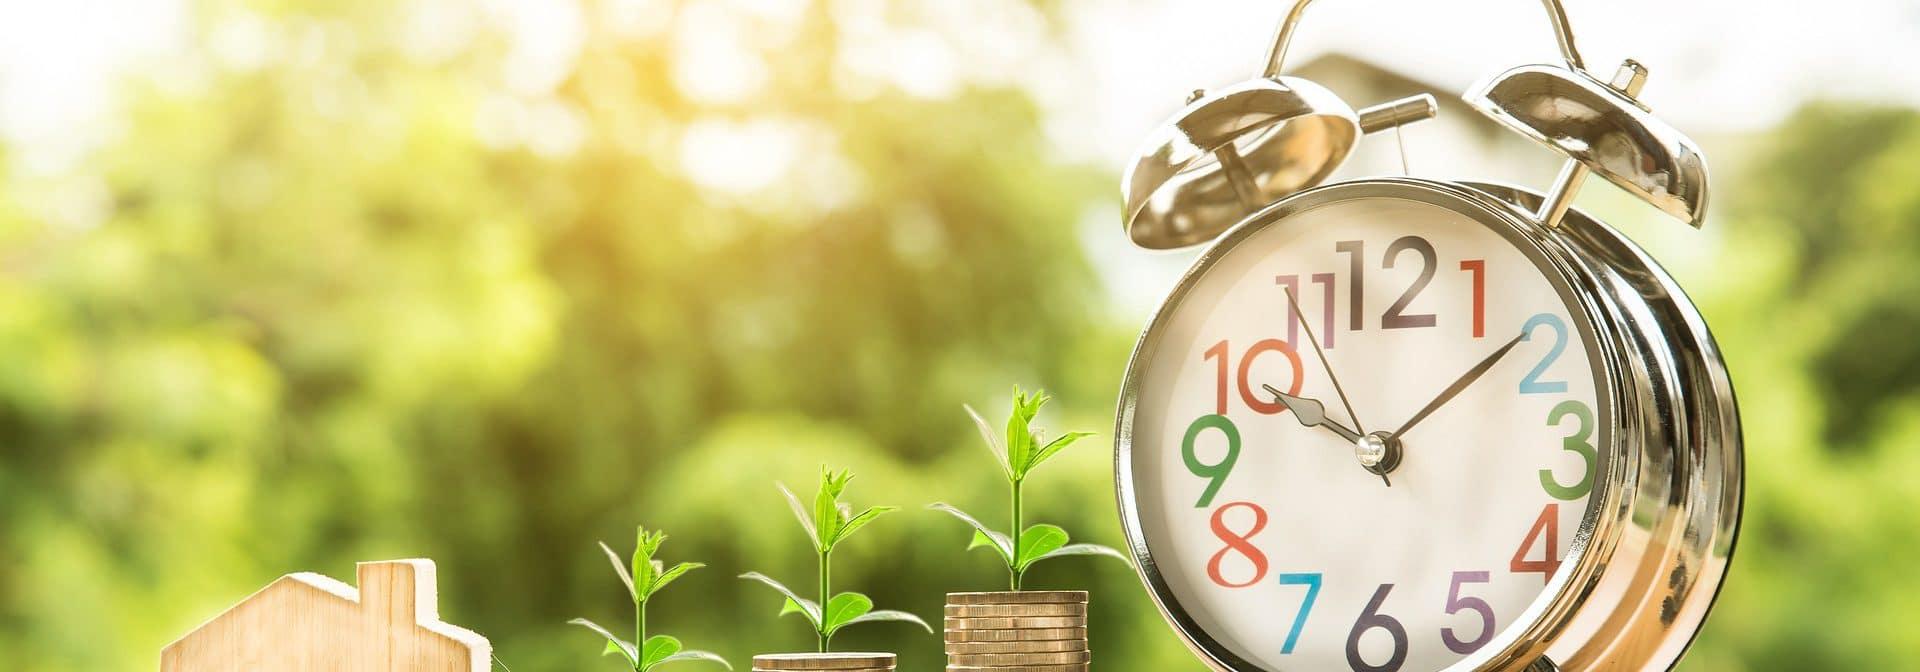 Laat je bedrijf groeien door gebruik te maken van factoring